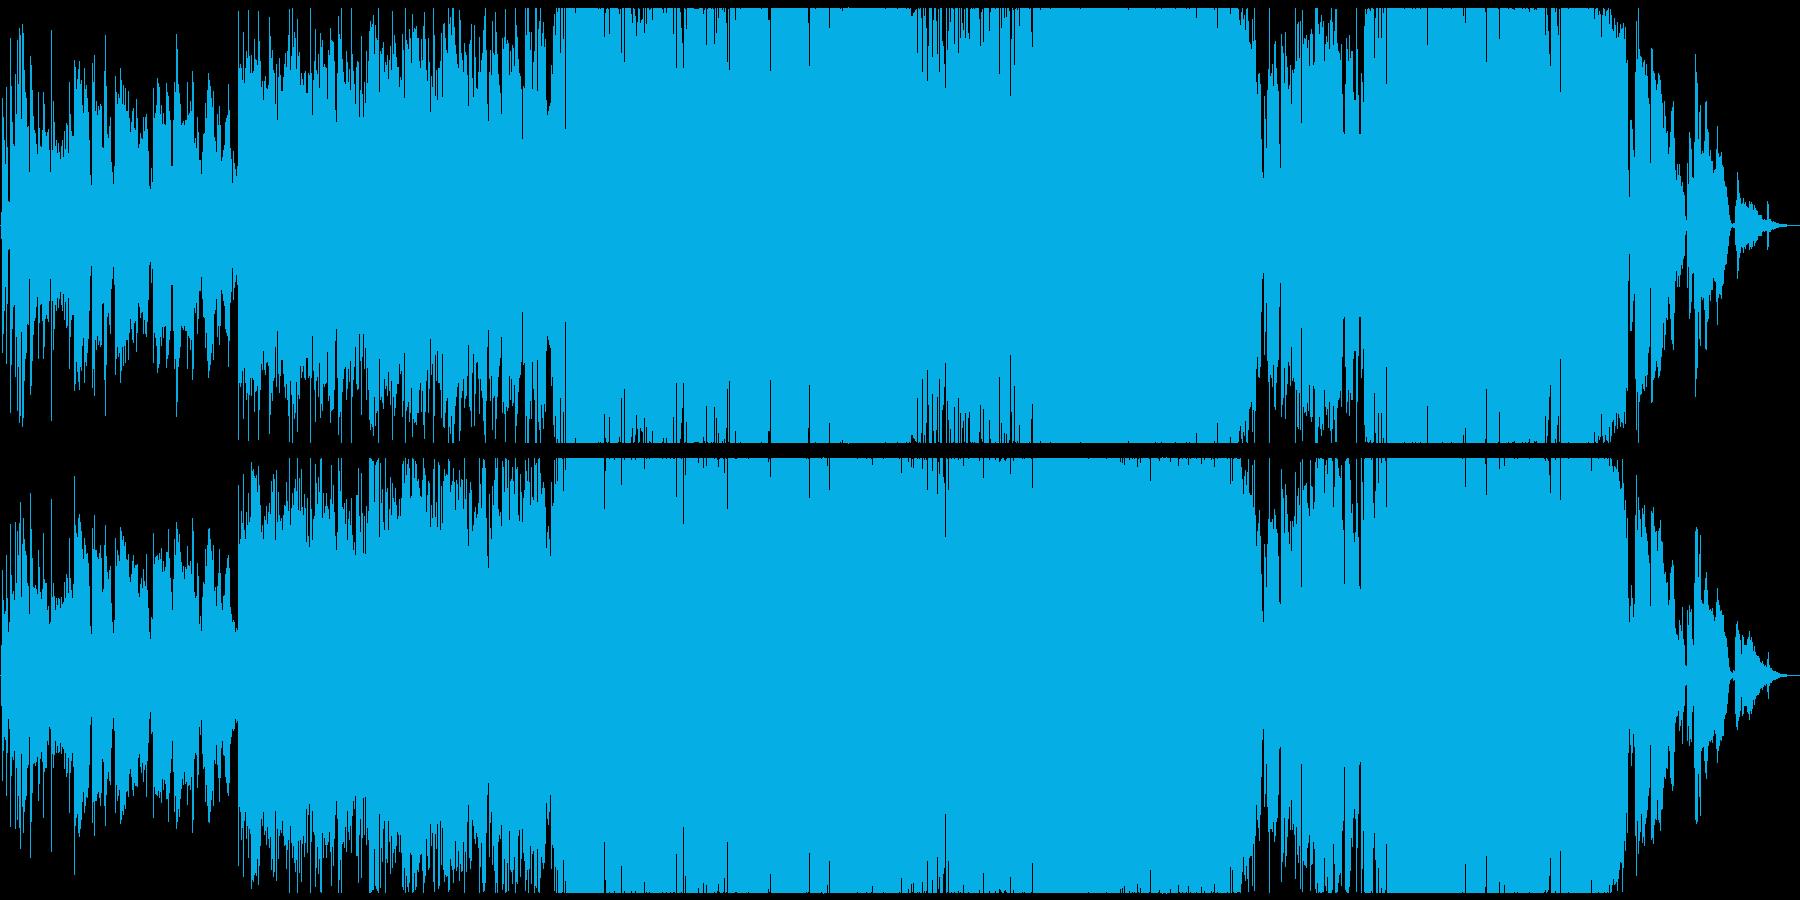 ハーフ男性が歌う優しい日本語バラードの再生済みの波形